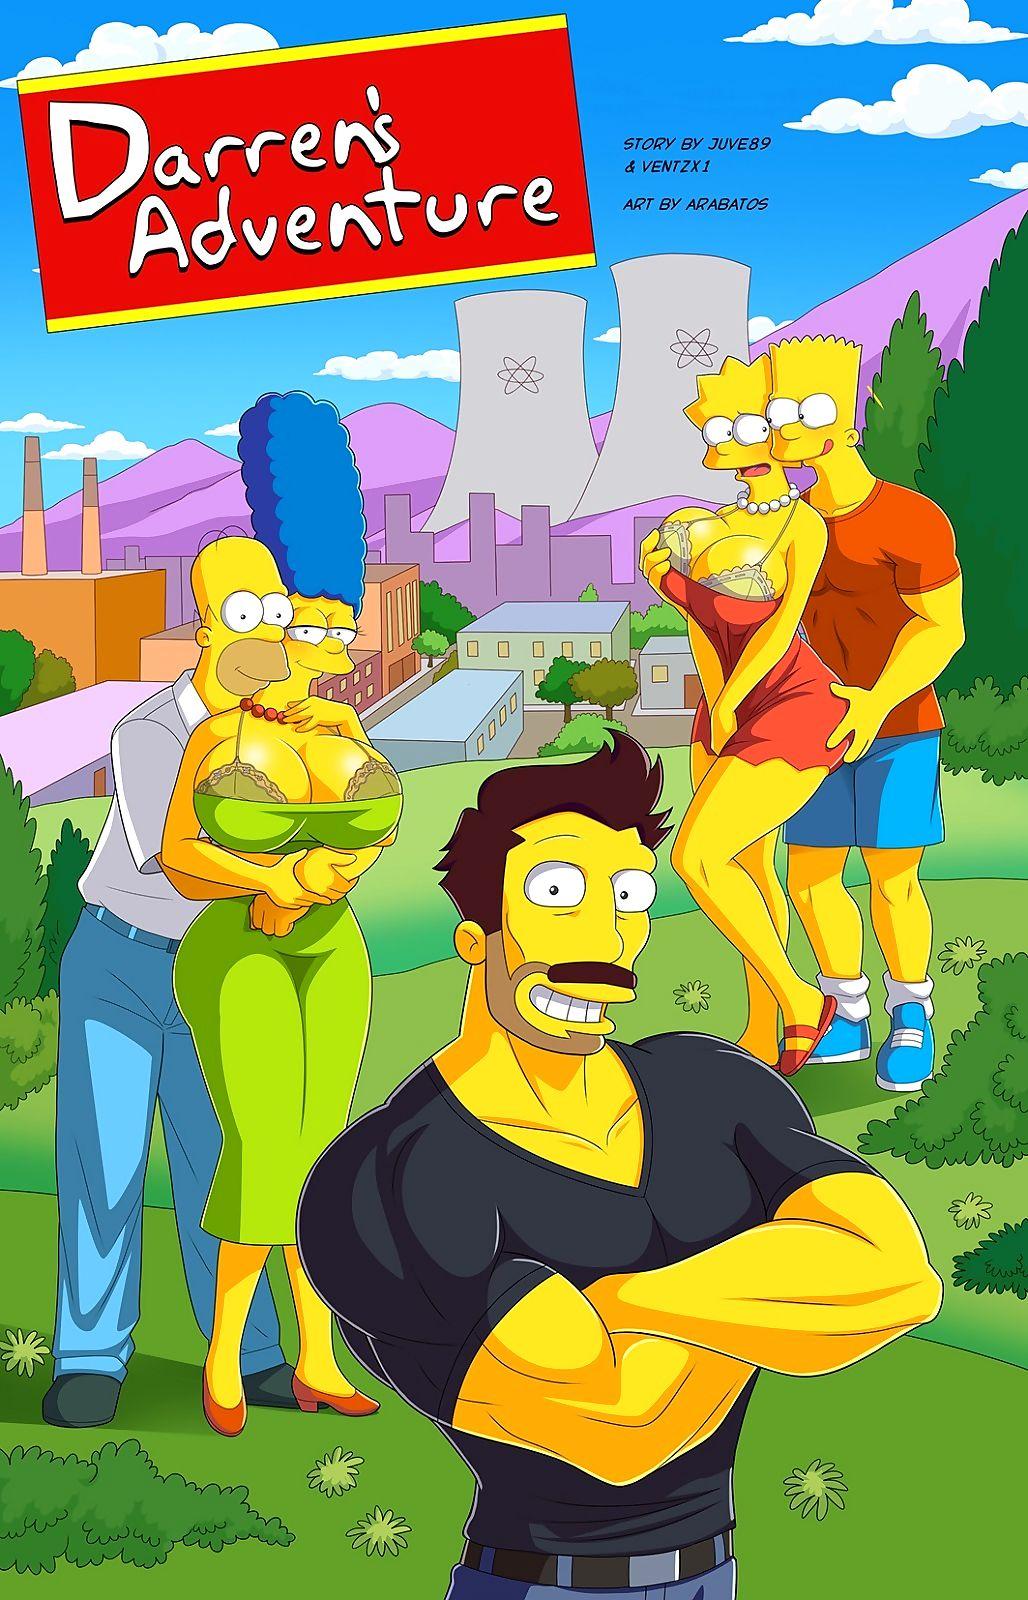 Arabatos - Darrens Punt - Be imparted to murder Simpsons